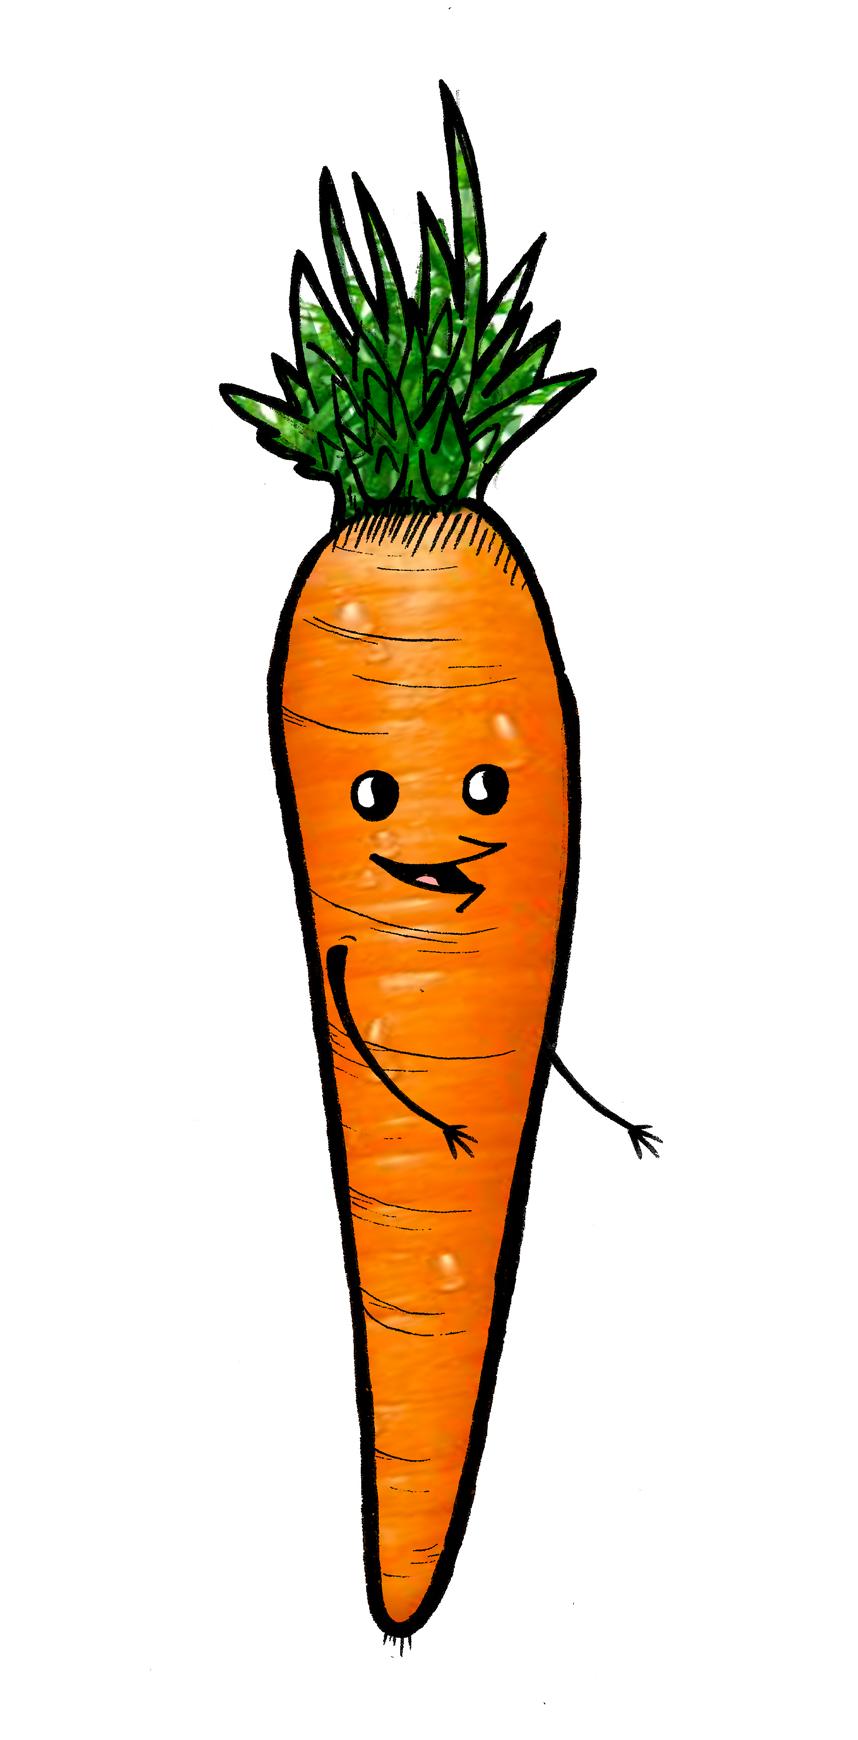 carrot-1-by-woerm.jpg